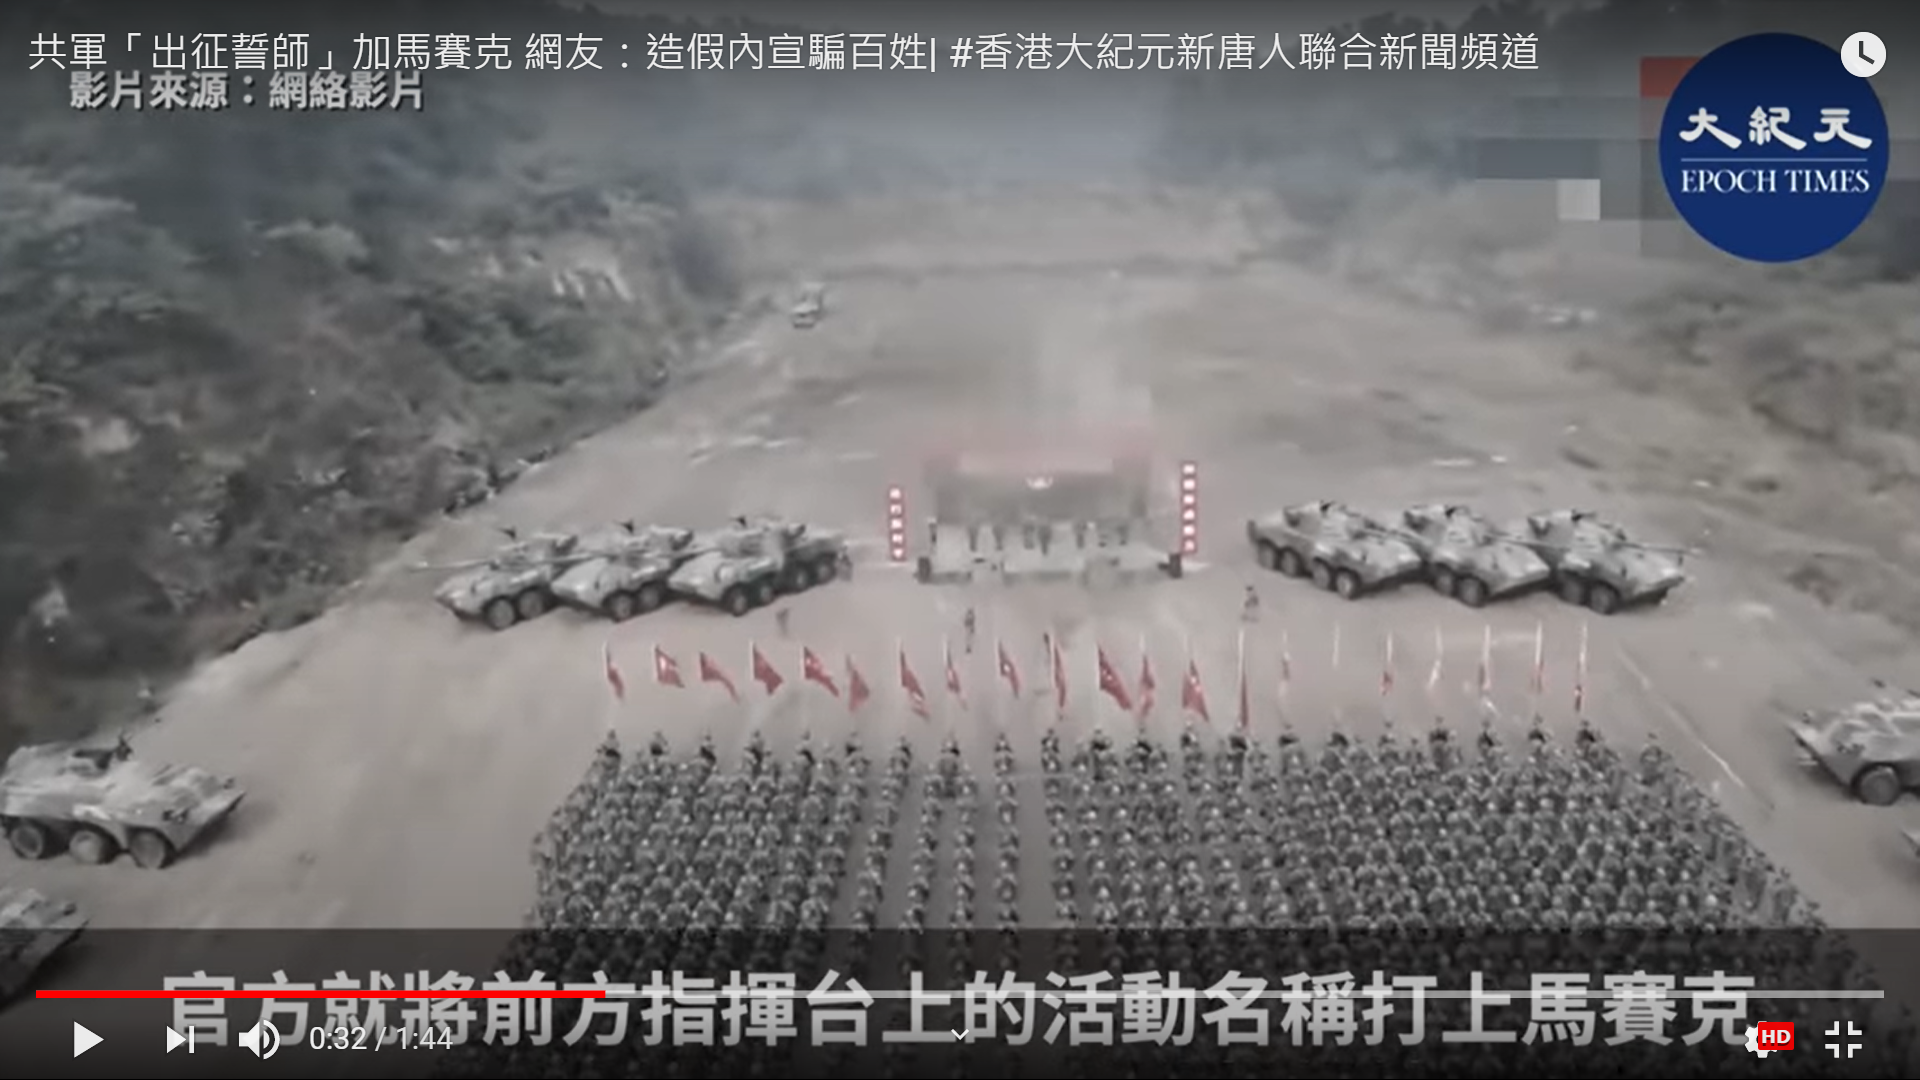 中共東部戰區官方微博18日發佈誓師影片,中間指揮台打上格仔。(影片截圖)